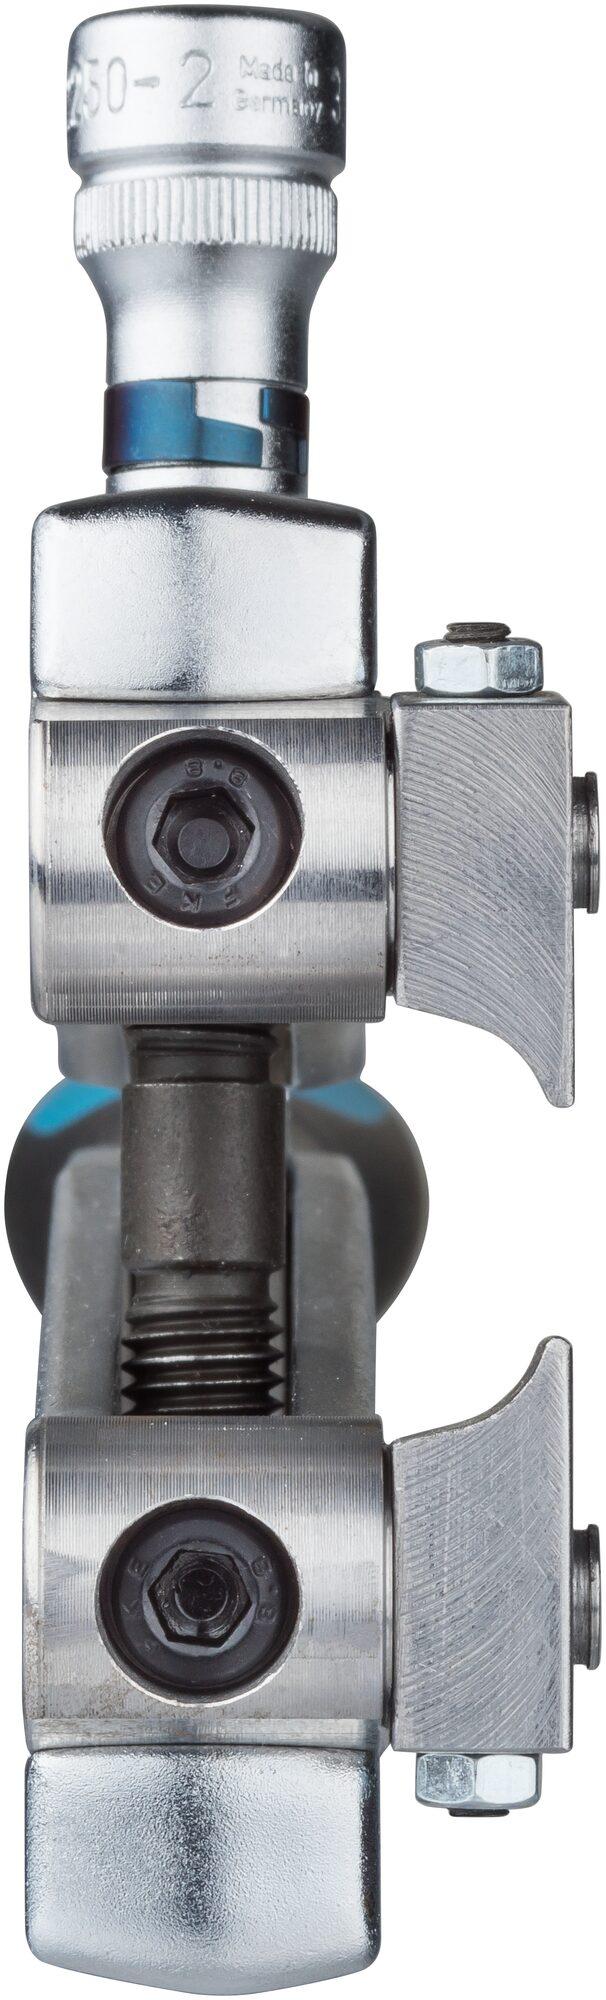 HAZET Achsmanschetten Spann-Zange 1847/3 ∙ Vierkant hohl 10 mm (3/8 Zoll)